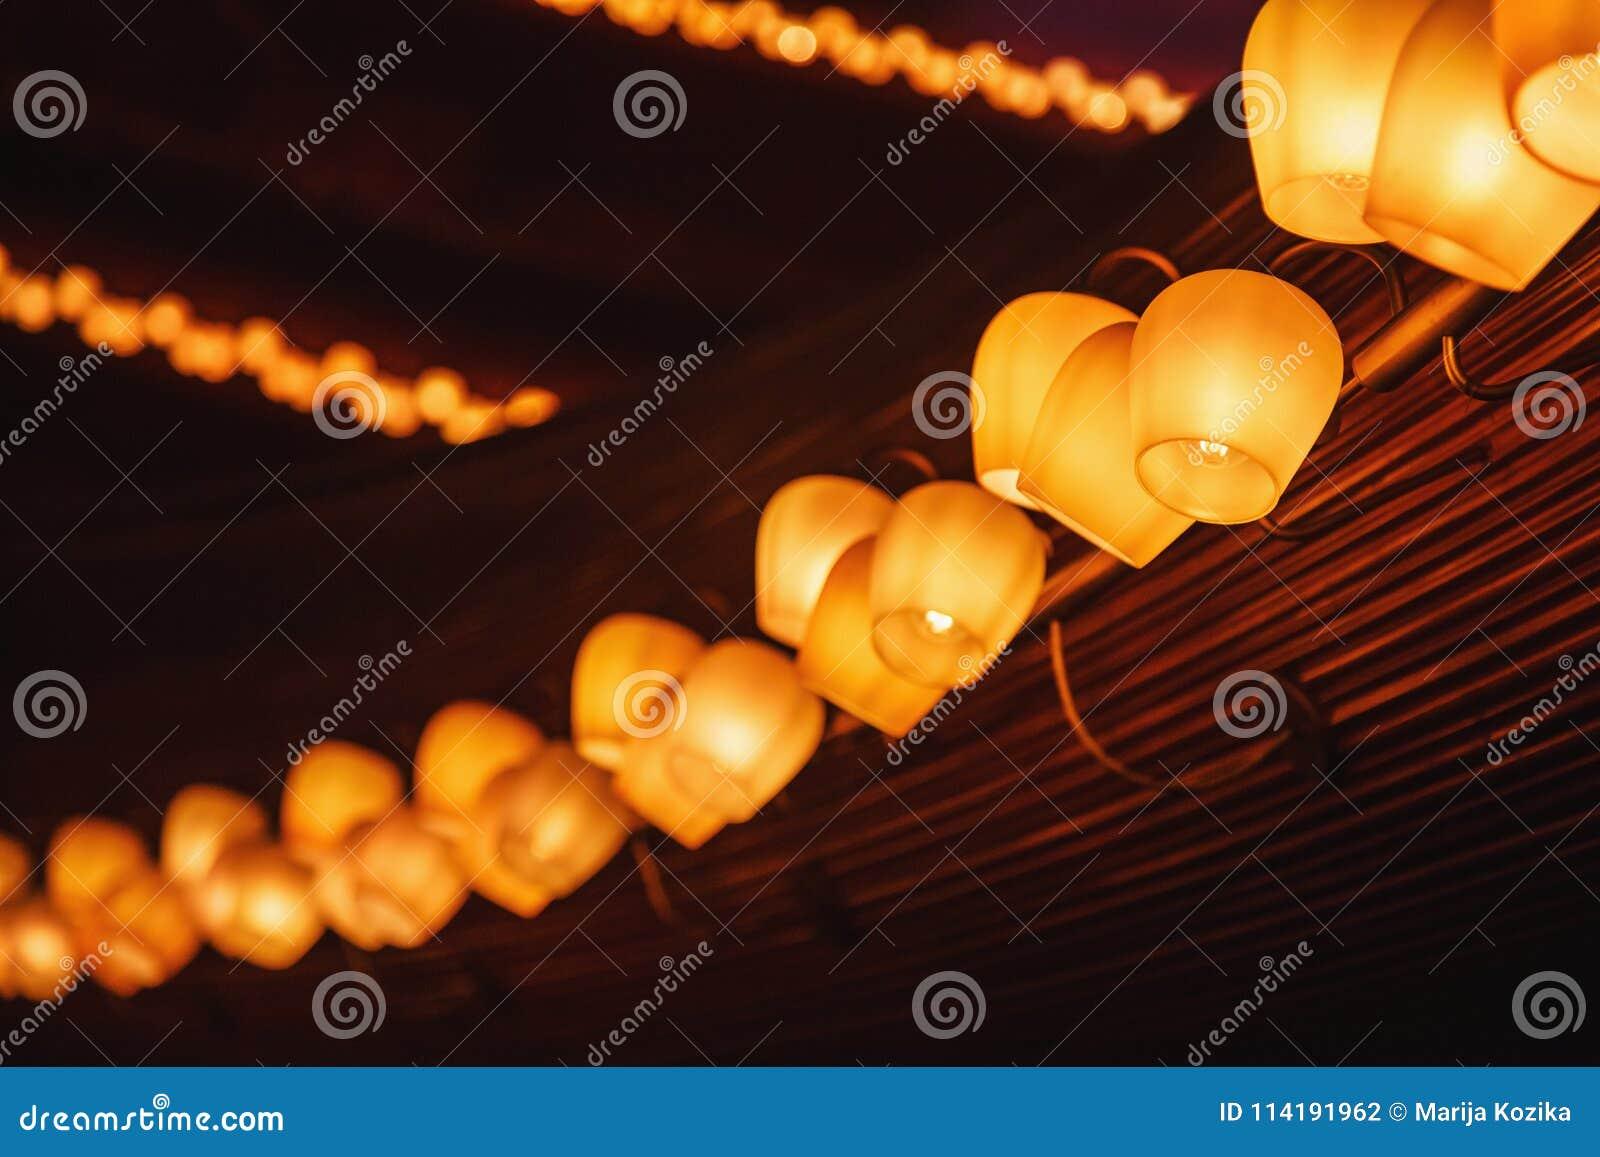 Длинная строка ламп вольфрама на деревянной панели